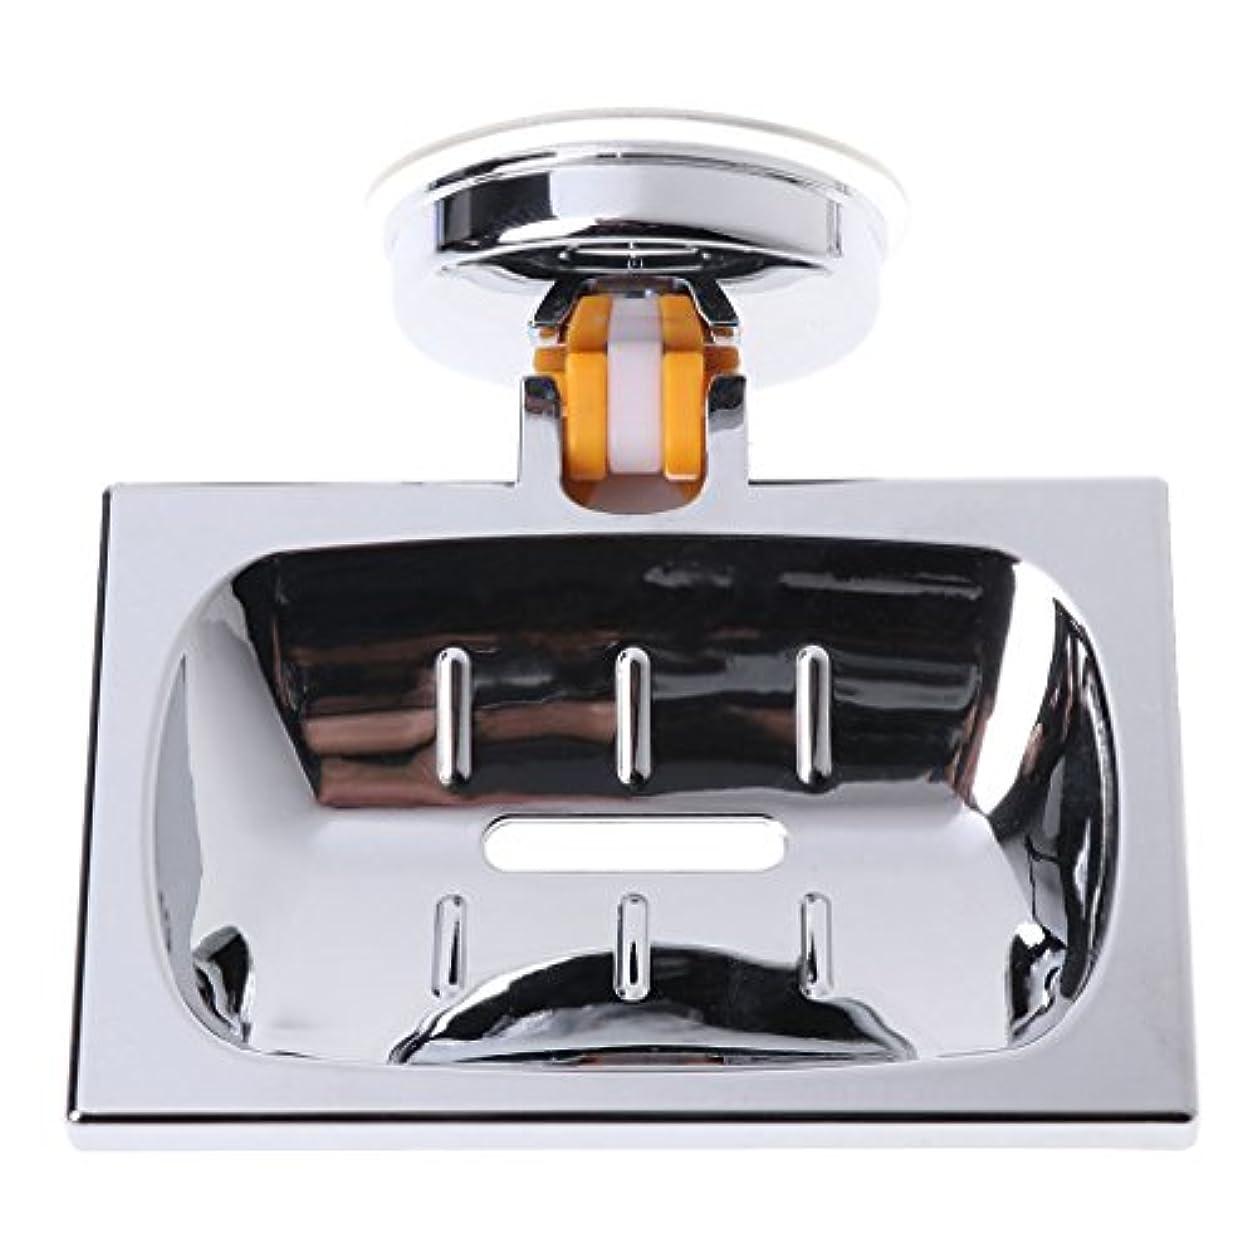 父方の袋個性Lamdooウォールサクションカップバスルームバスシャワーコンテナソープディッシュホルダーケースバスケット01